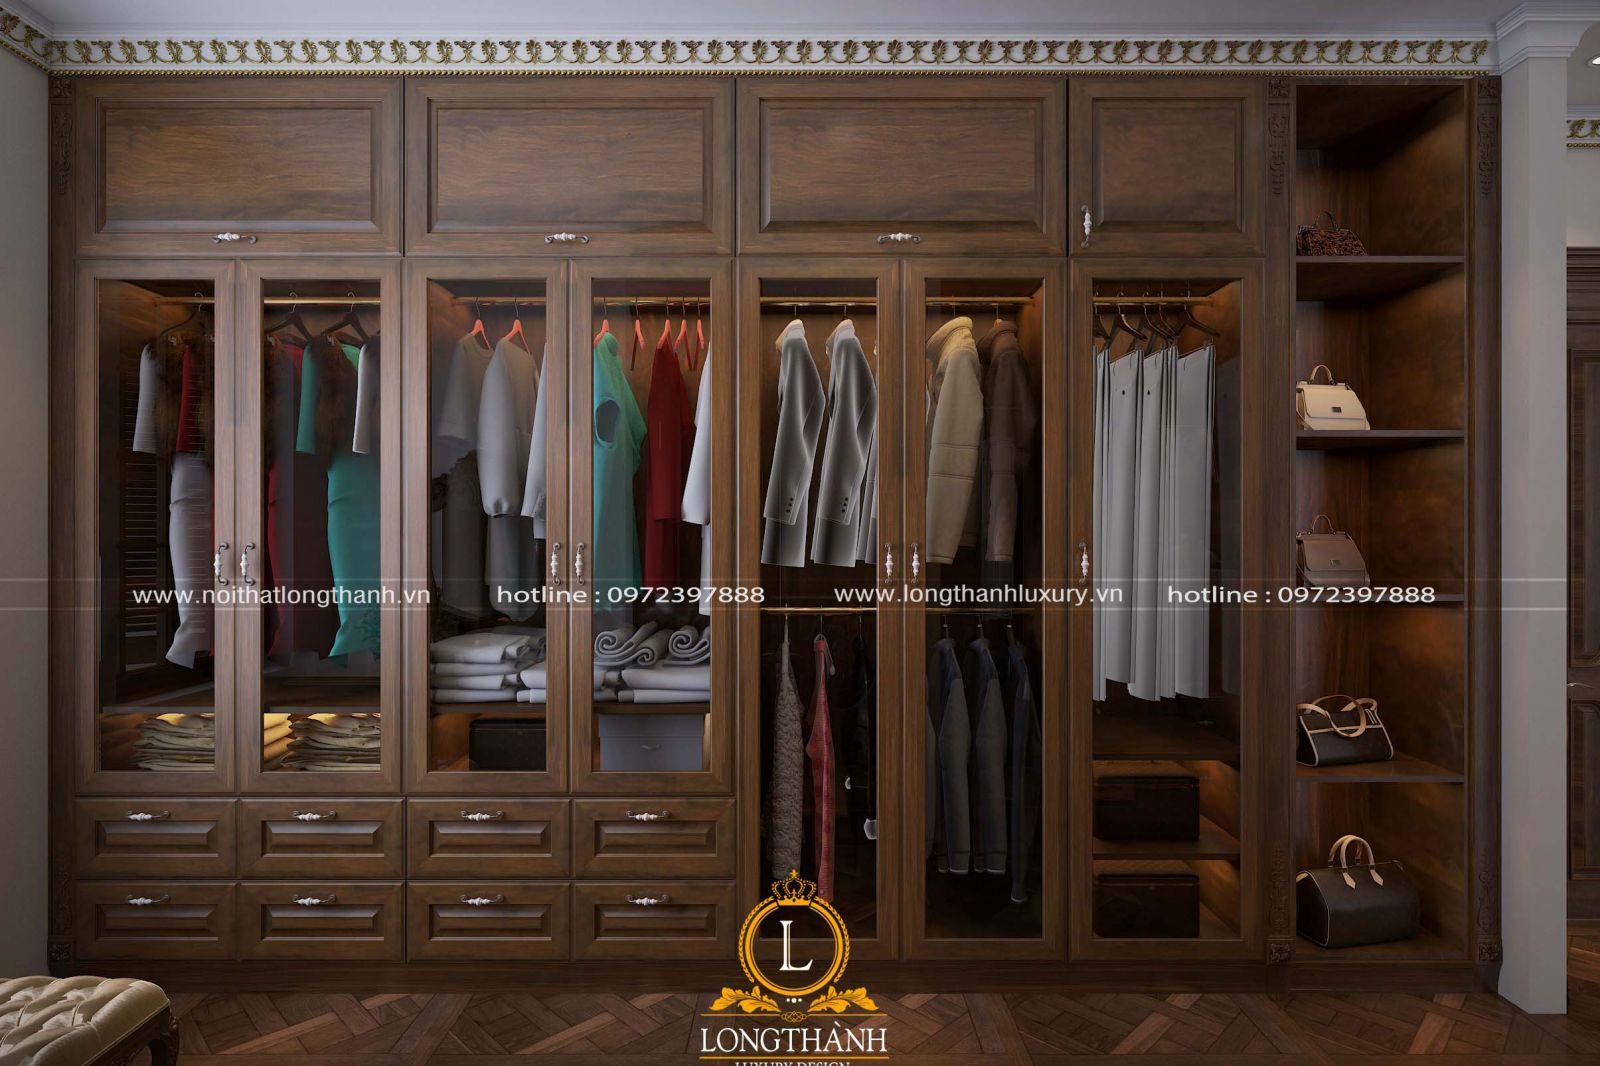 Mẫu tủ quần áo kích thước lớn dành cho những người có nhu cầu sử dụng nhiều